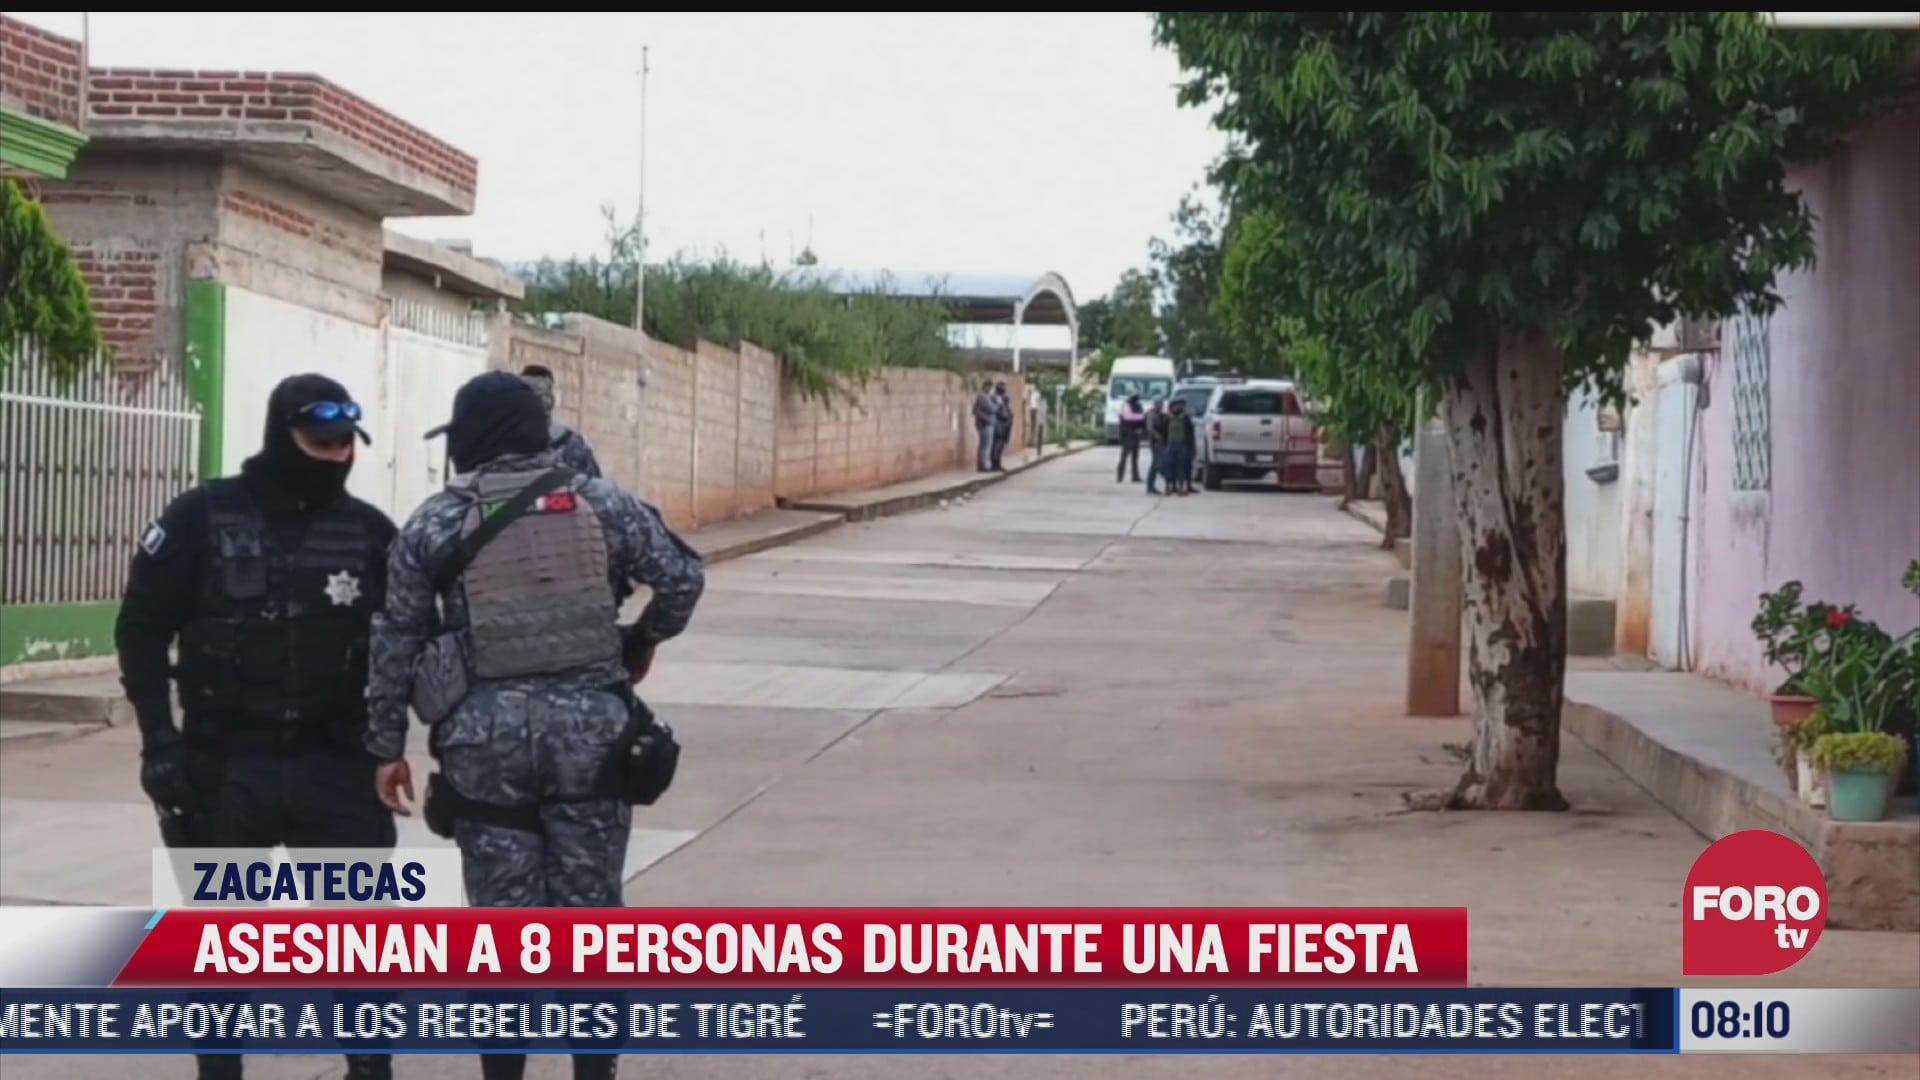 acribillan a ocho personas en una fiesta en la comunidad de gamboa zacatecas